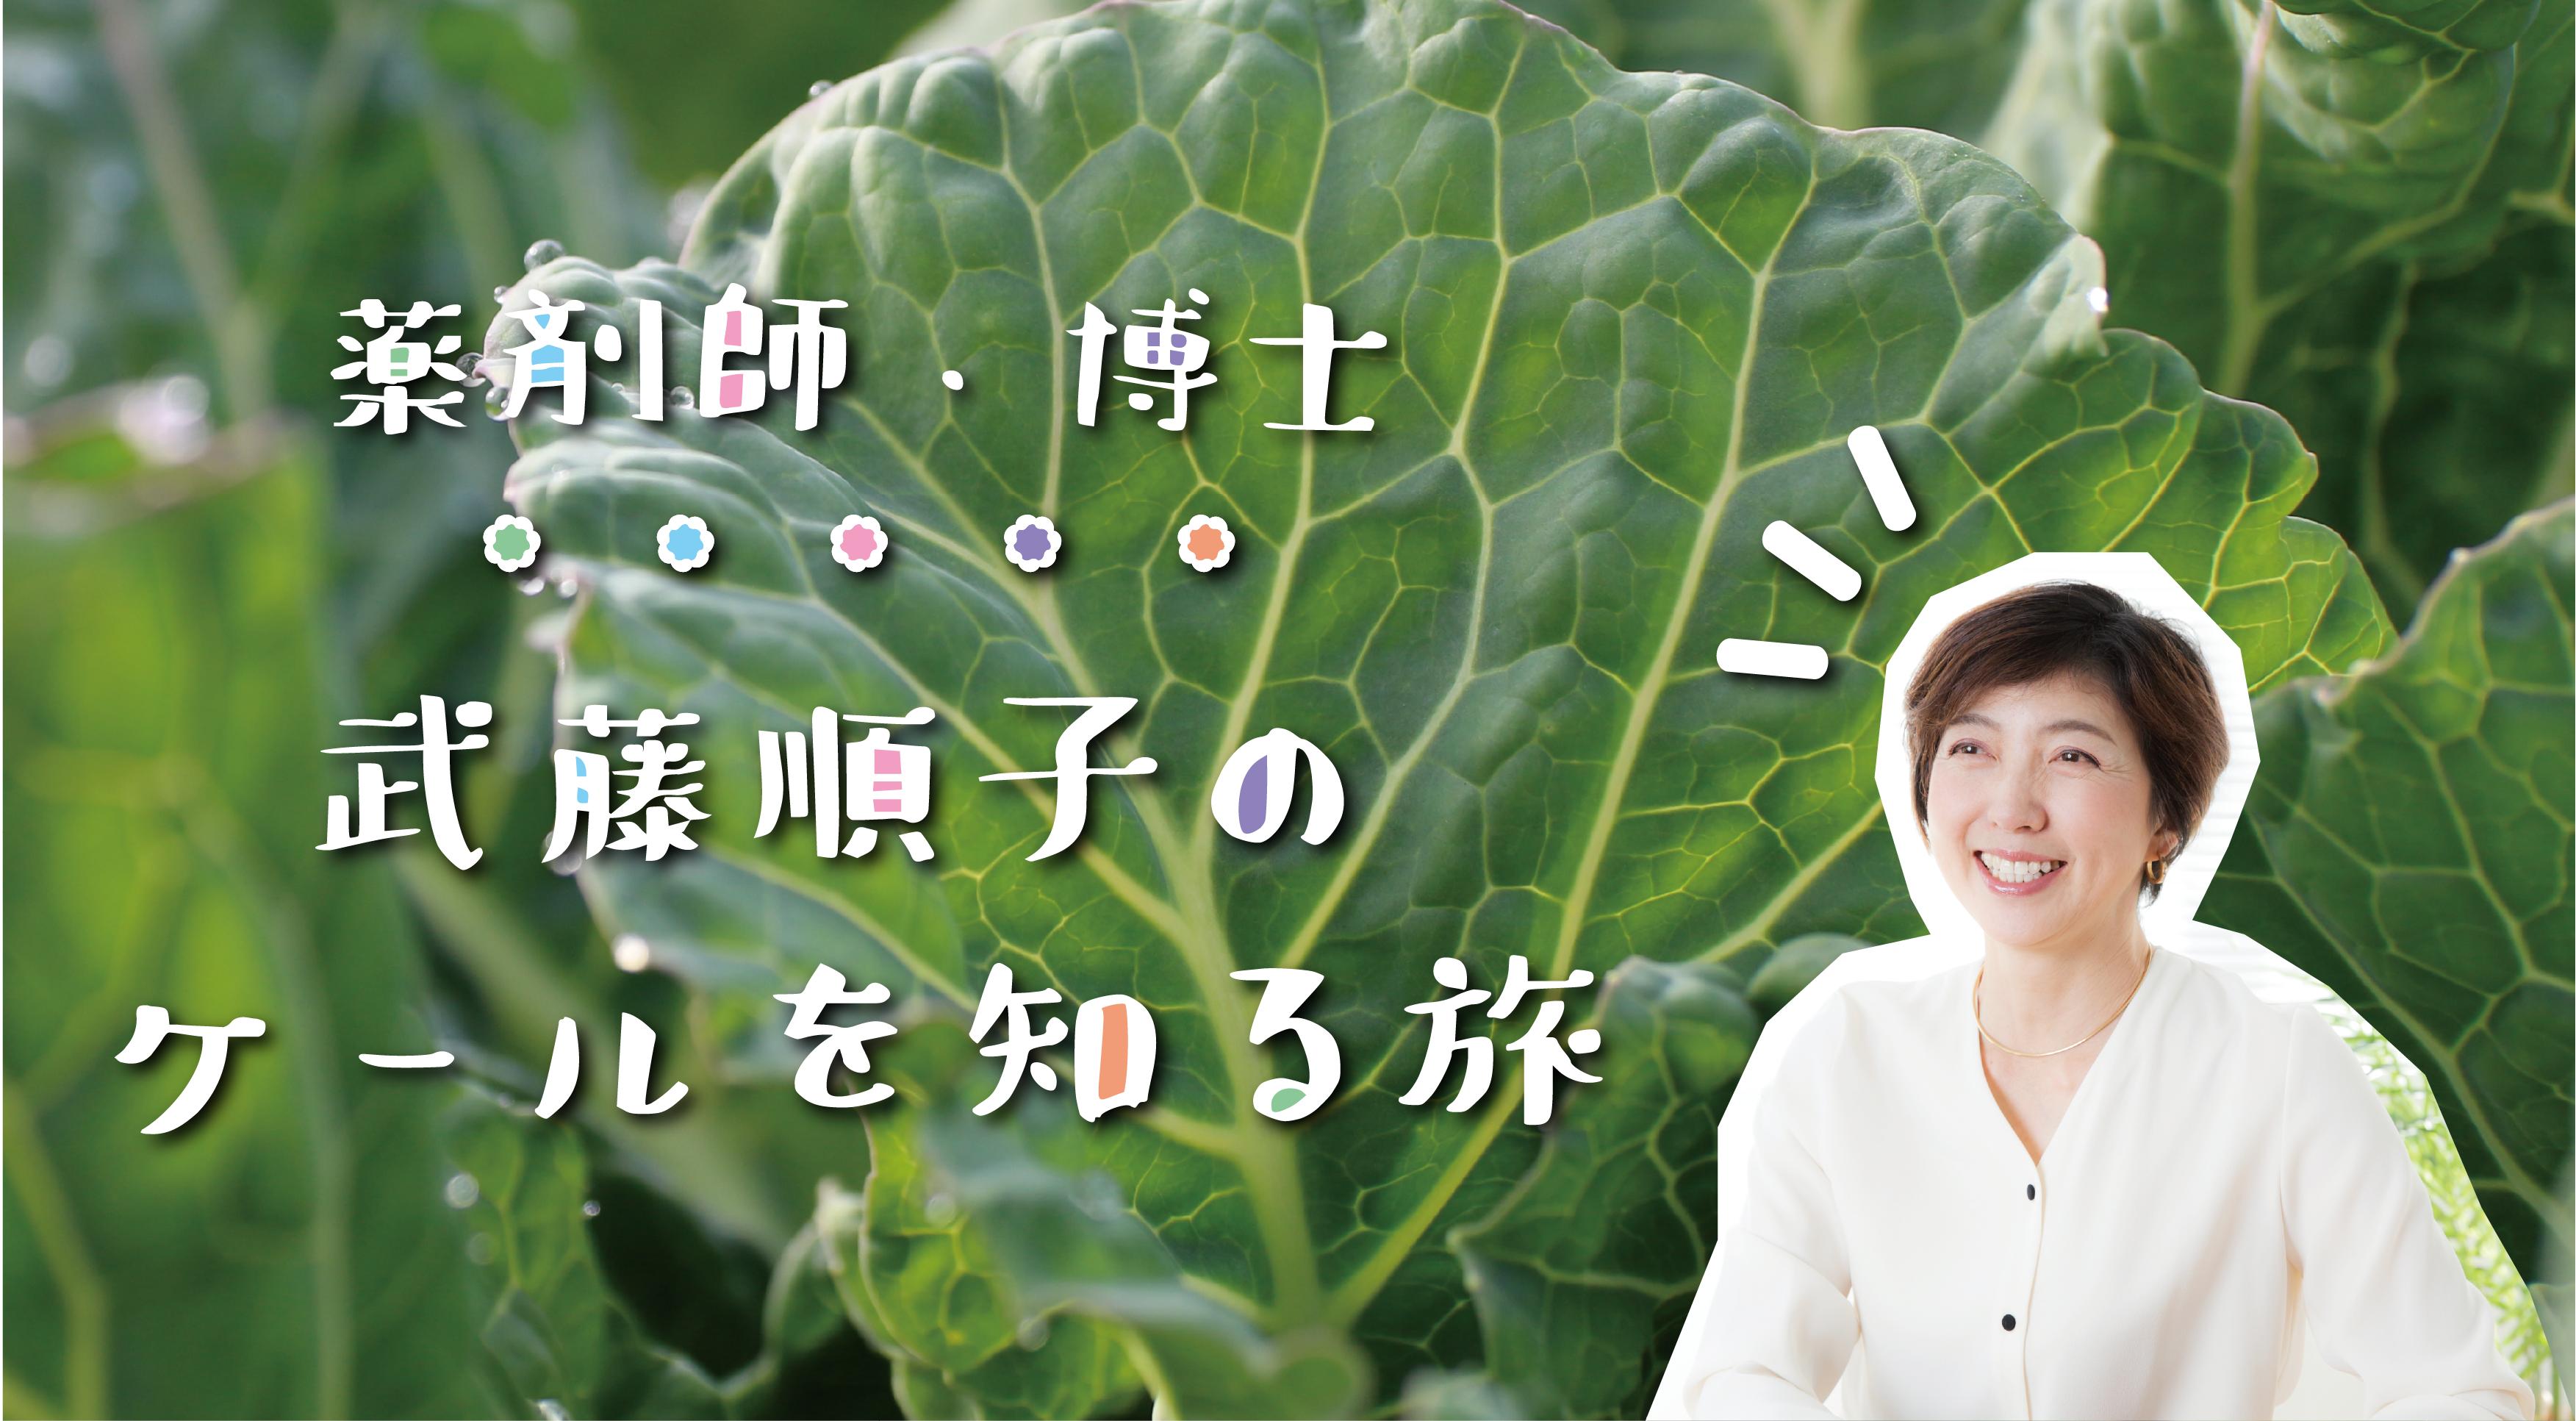 薬剤師・博士武藤順子のケールを知る旅